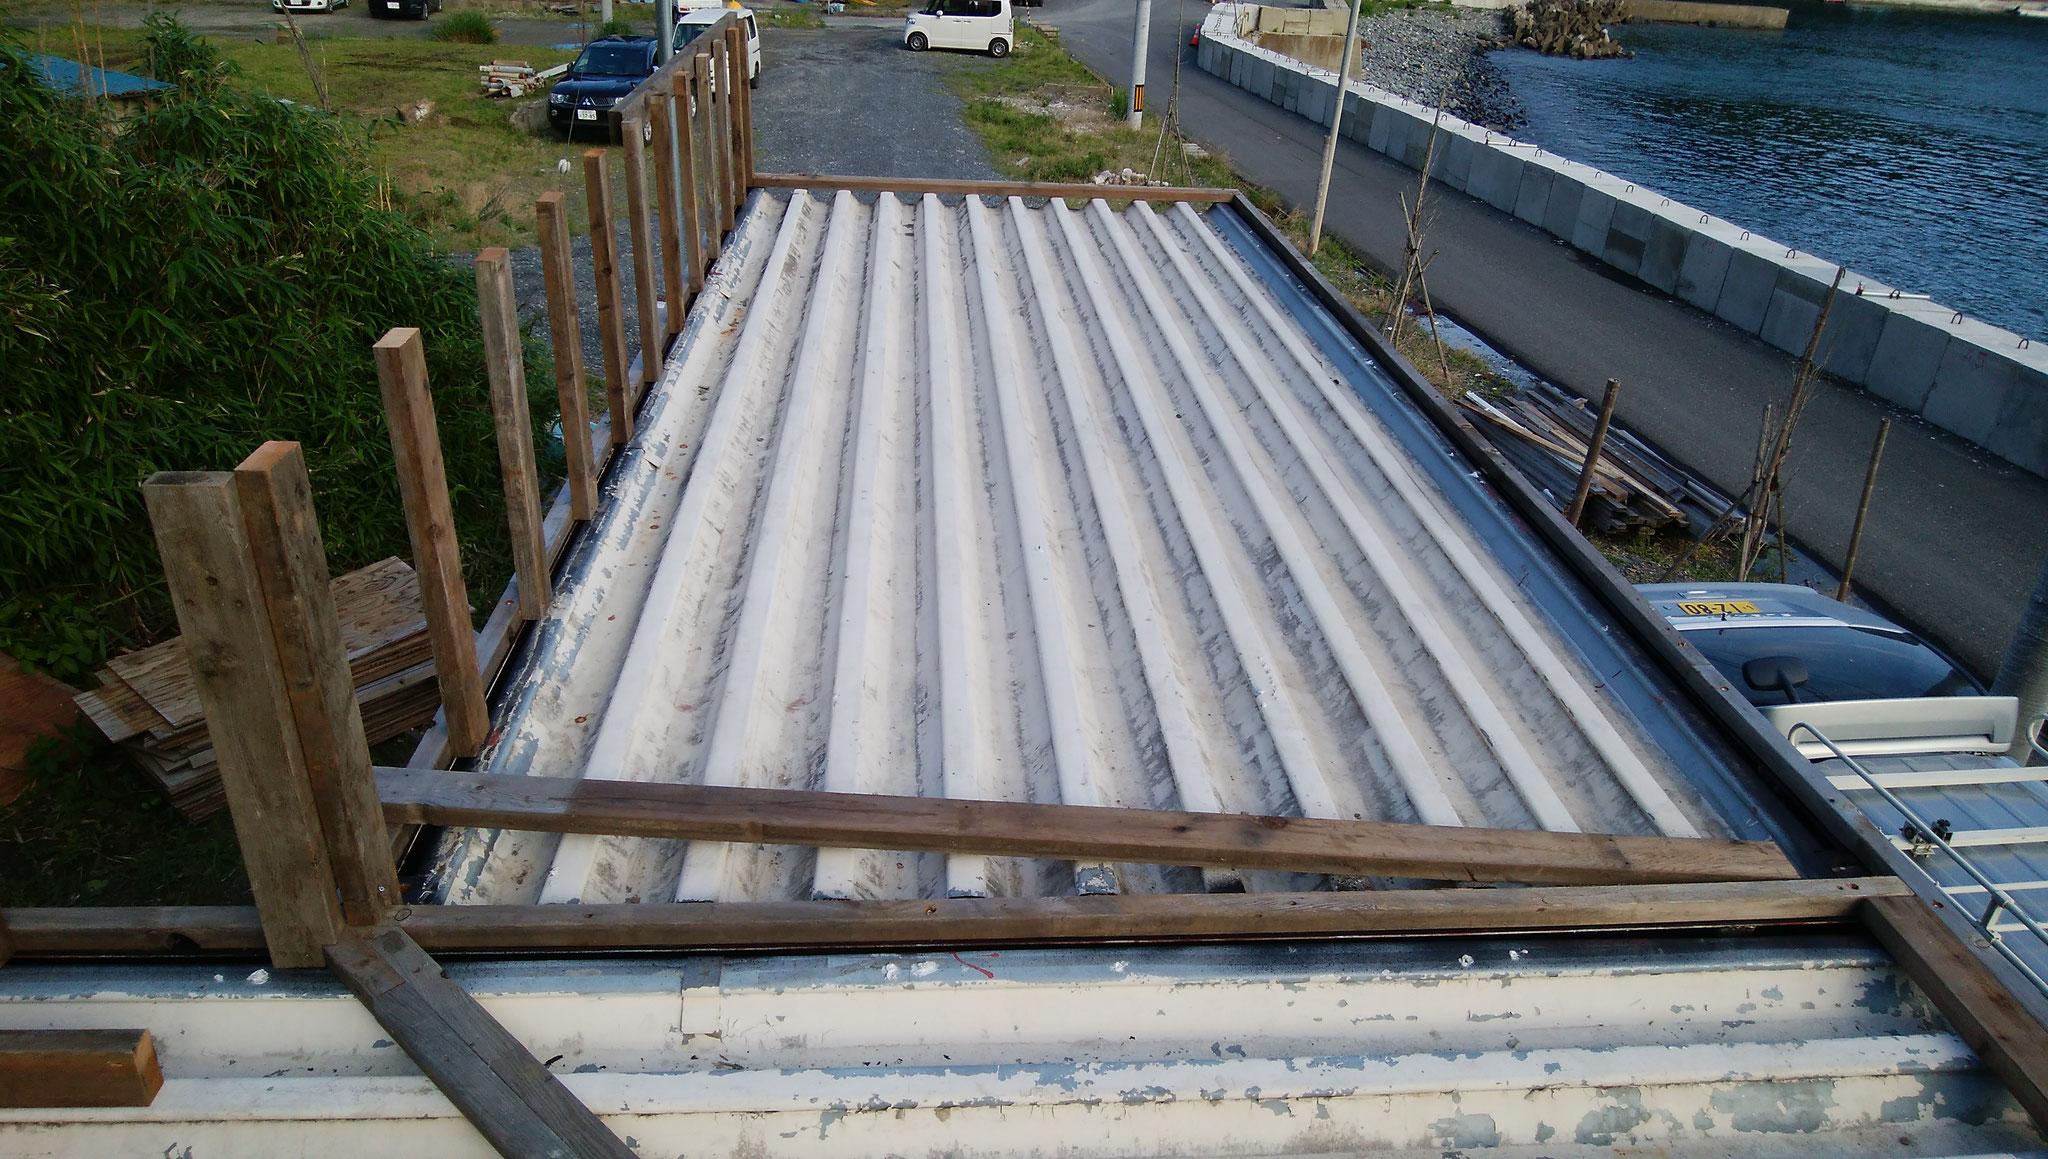 解体してもらってきたウッドデッキ材を屋根下地に再利用。